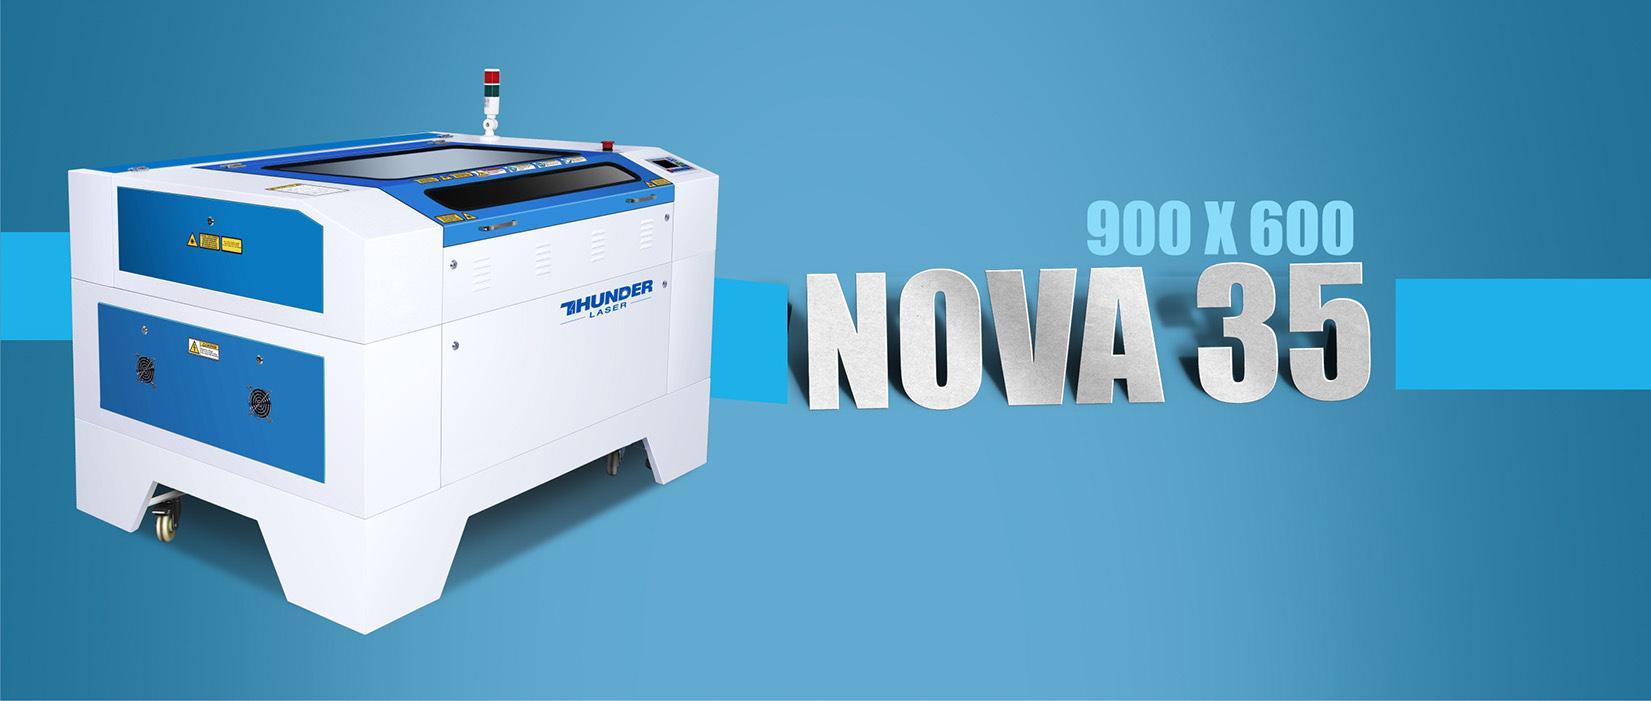 Nova35 laser engraving machine